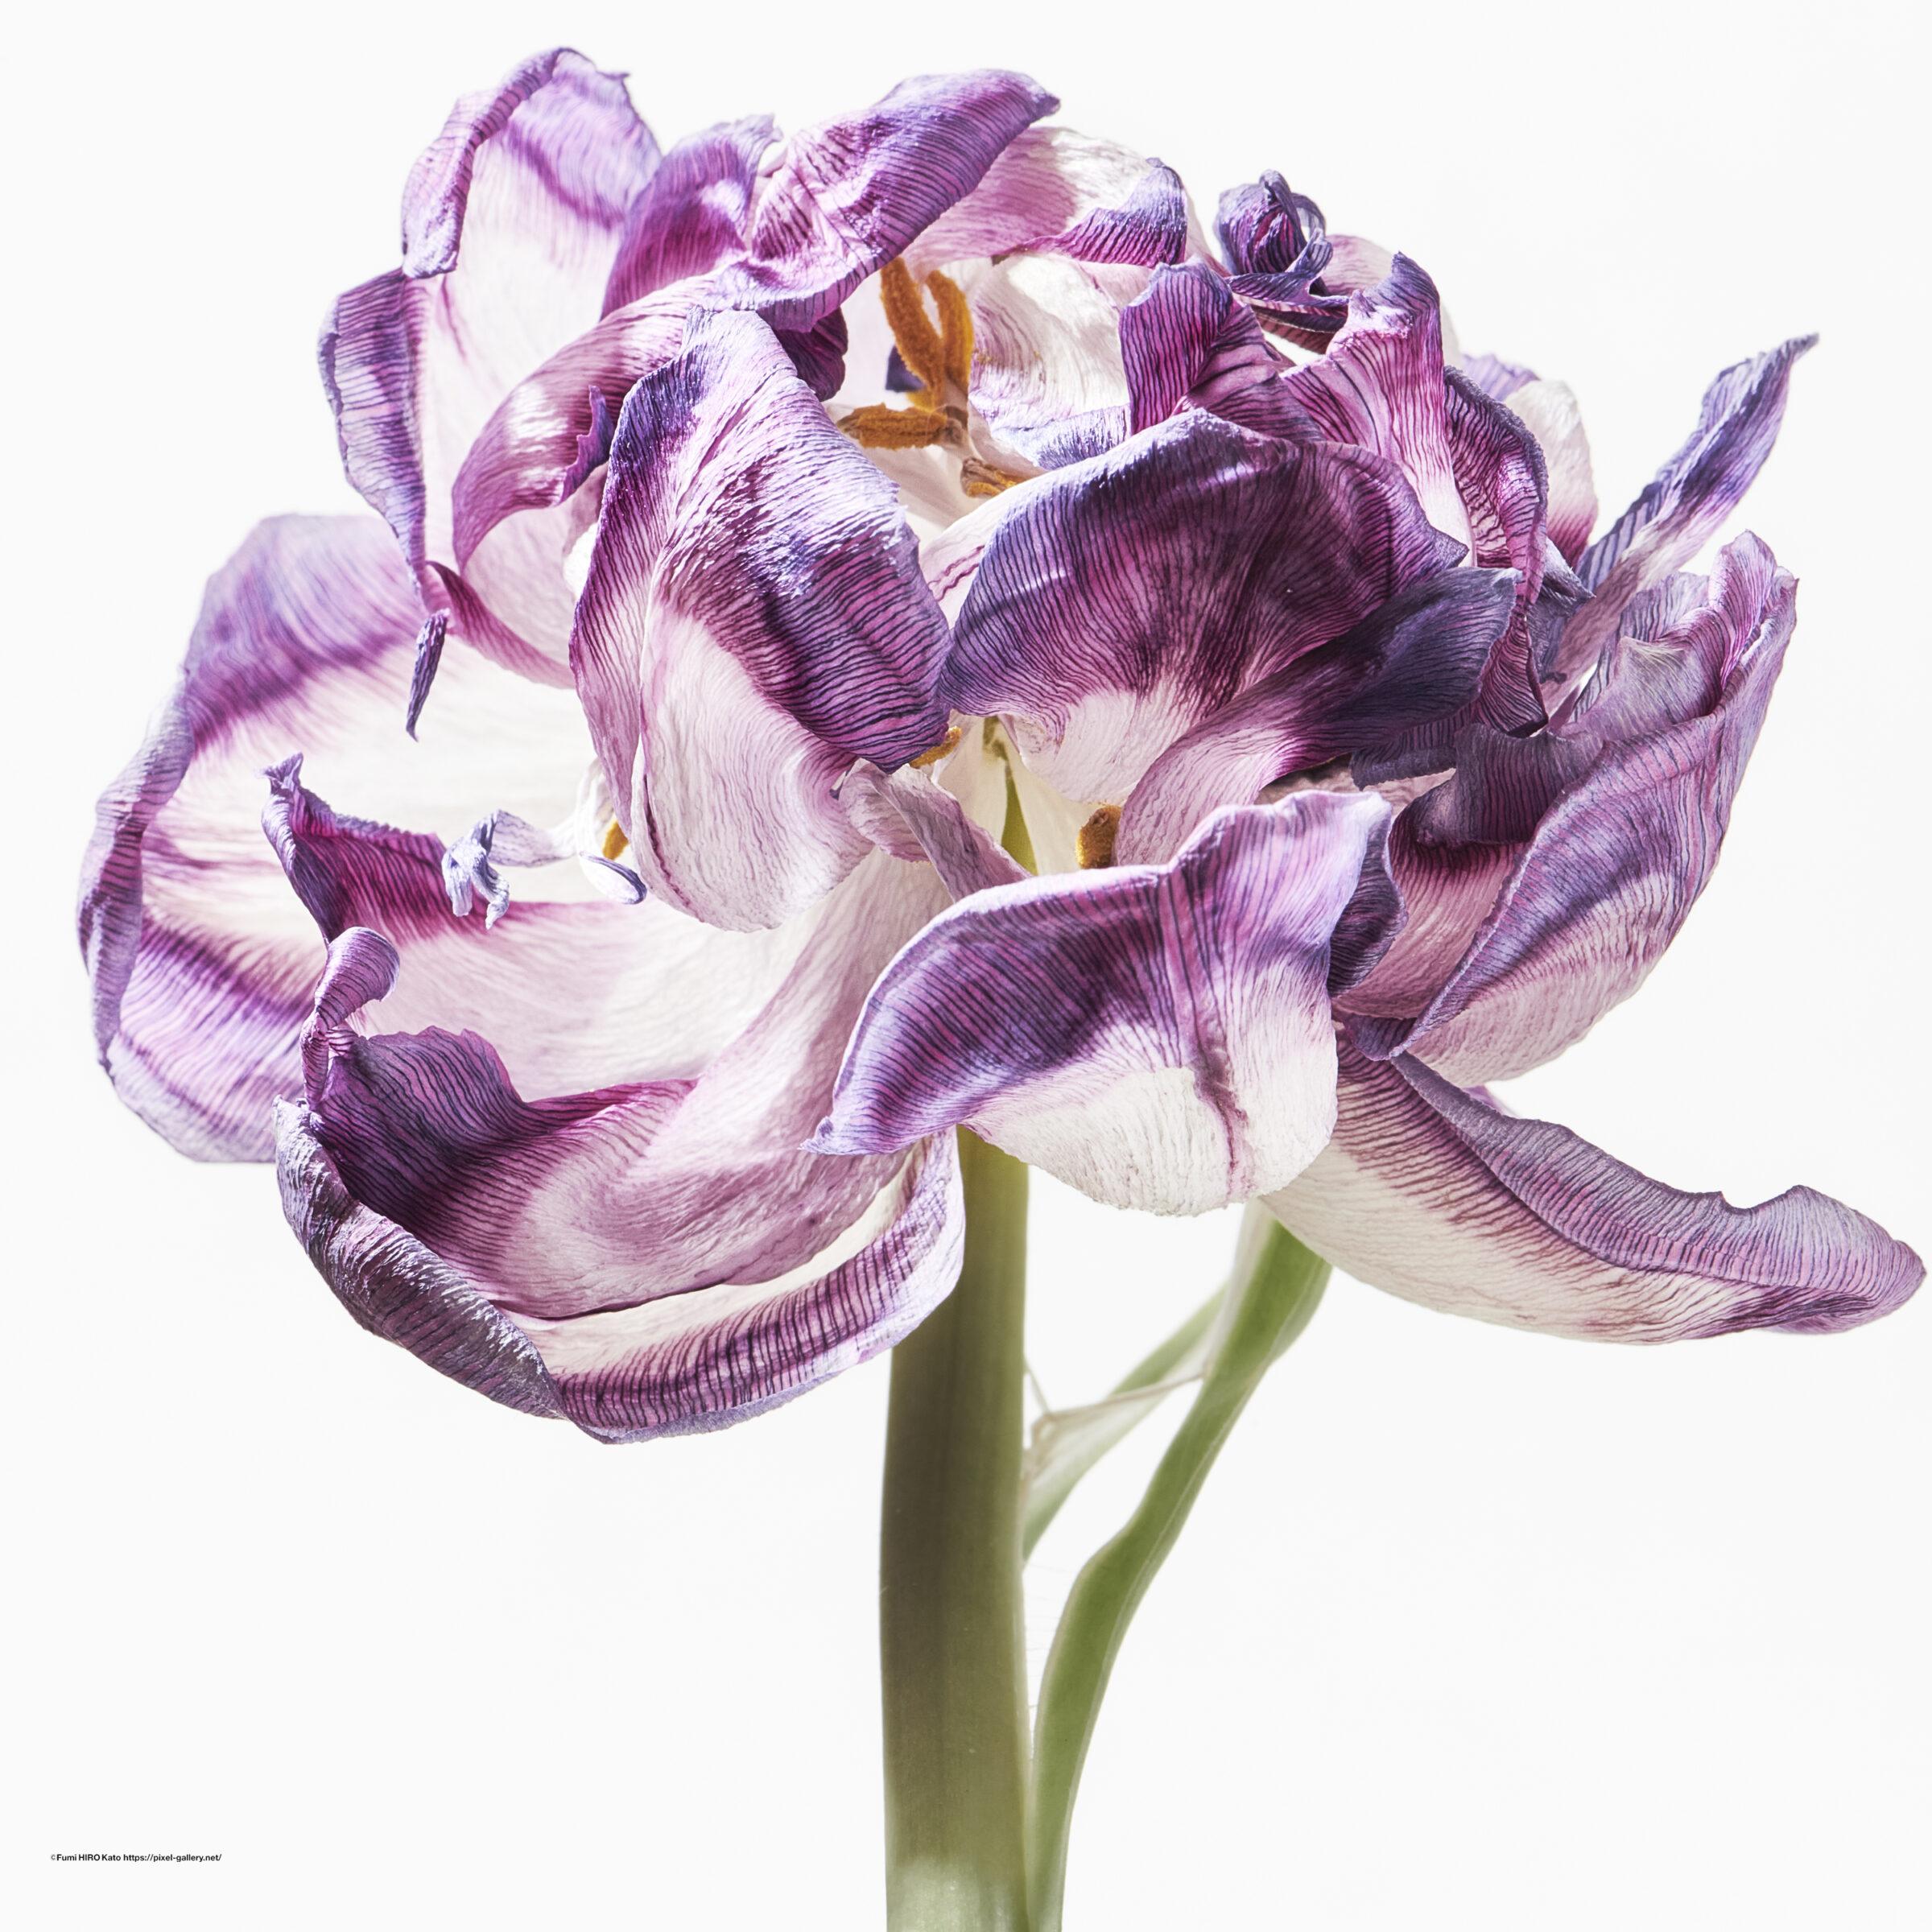 ハナ 2021-015 Tulip